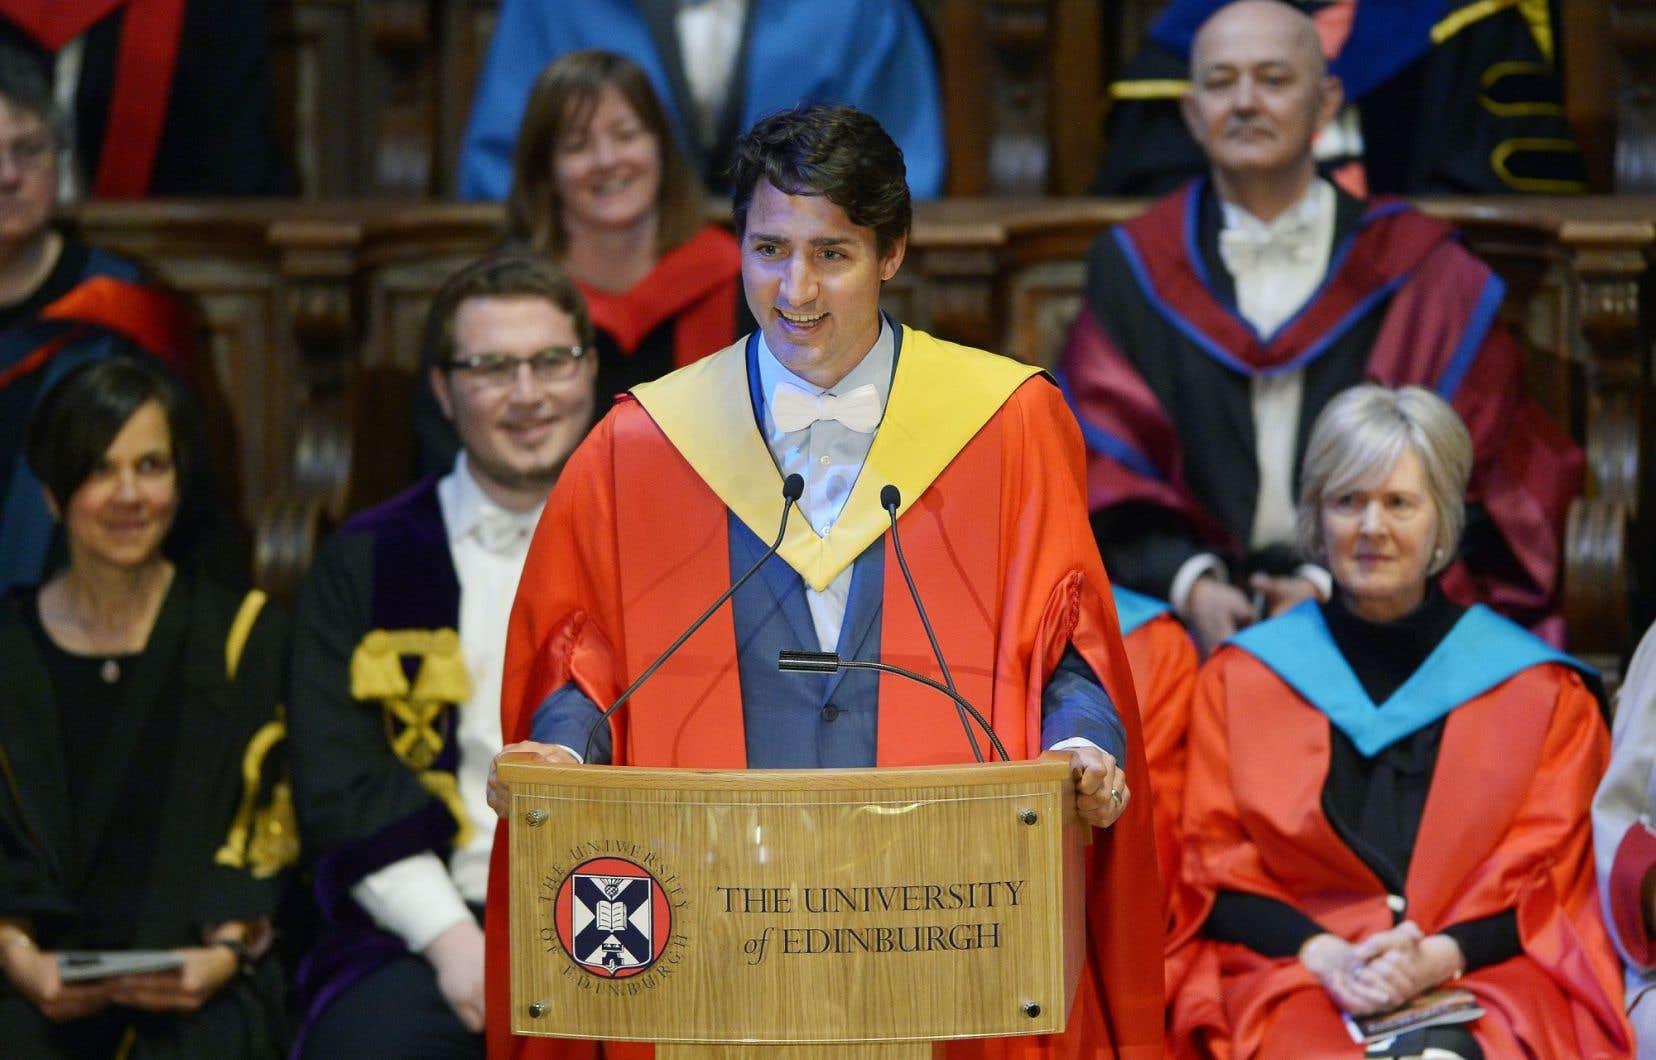 Le premier ministre Justin Trudeau a reçu un doctorat honorifique de l'Université d'Édimbourg, mercredi, pour ses accomplissements en faveur de l'égalité et de la diversité.